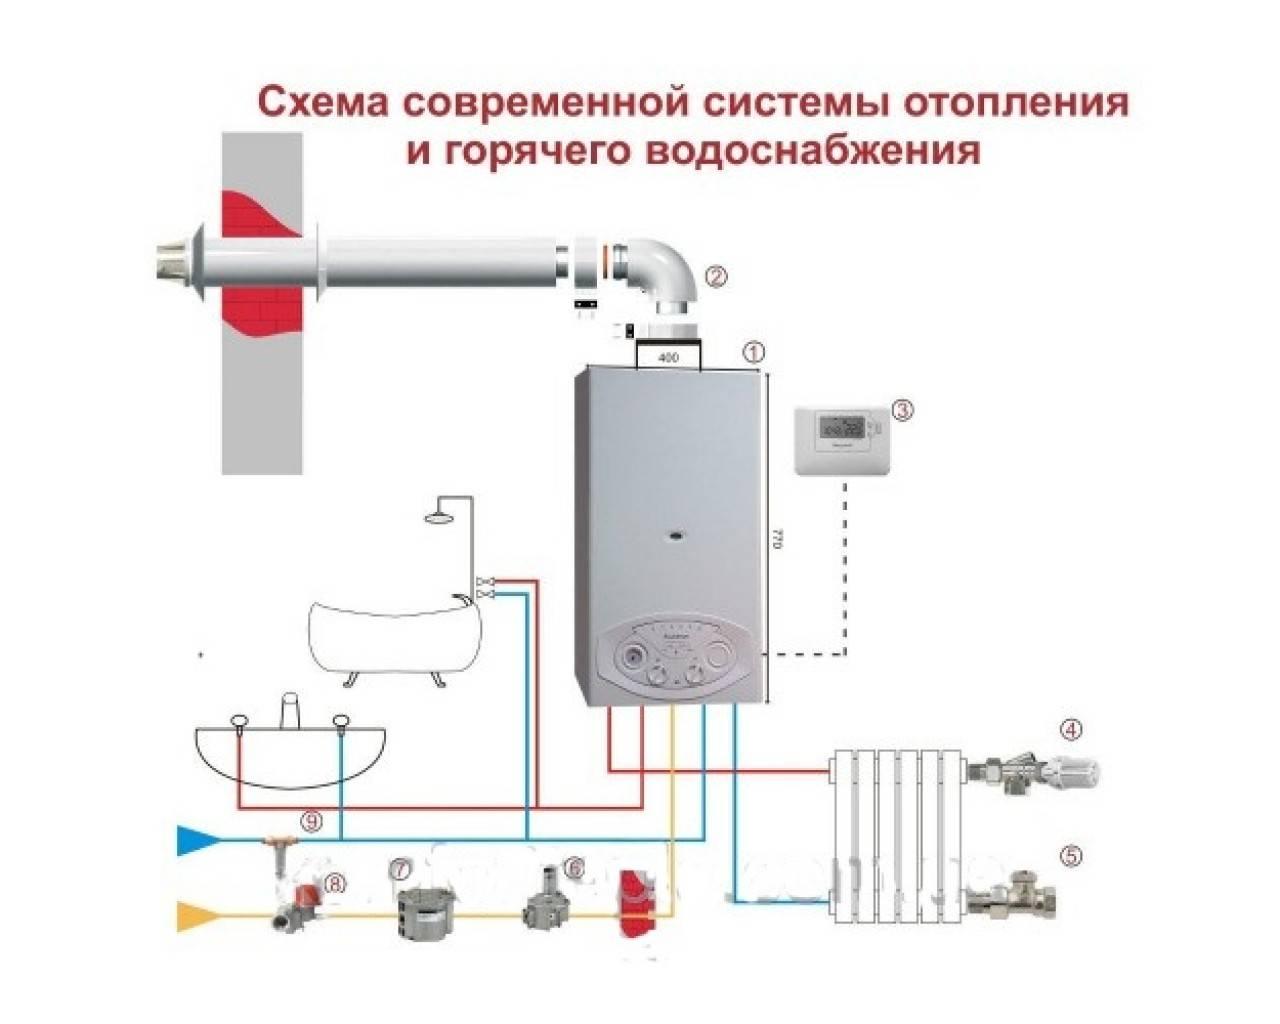 Как подключить газовый котел ariston: особенности установки, настройки и первого включения